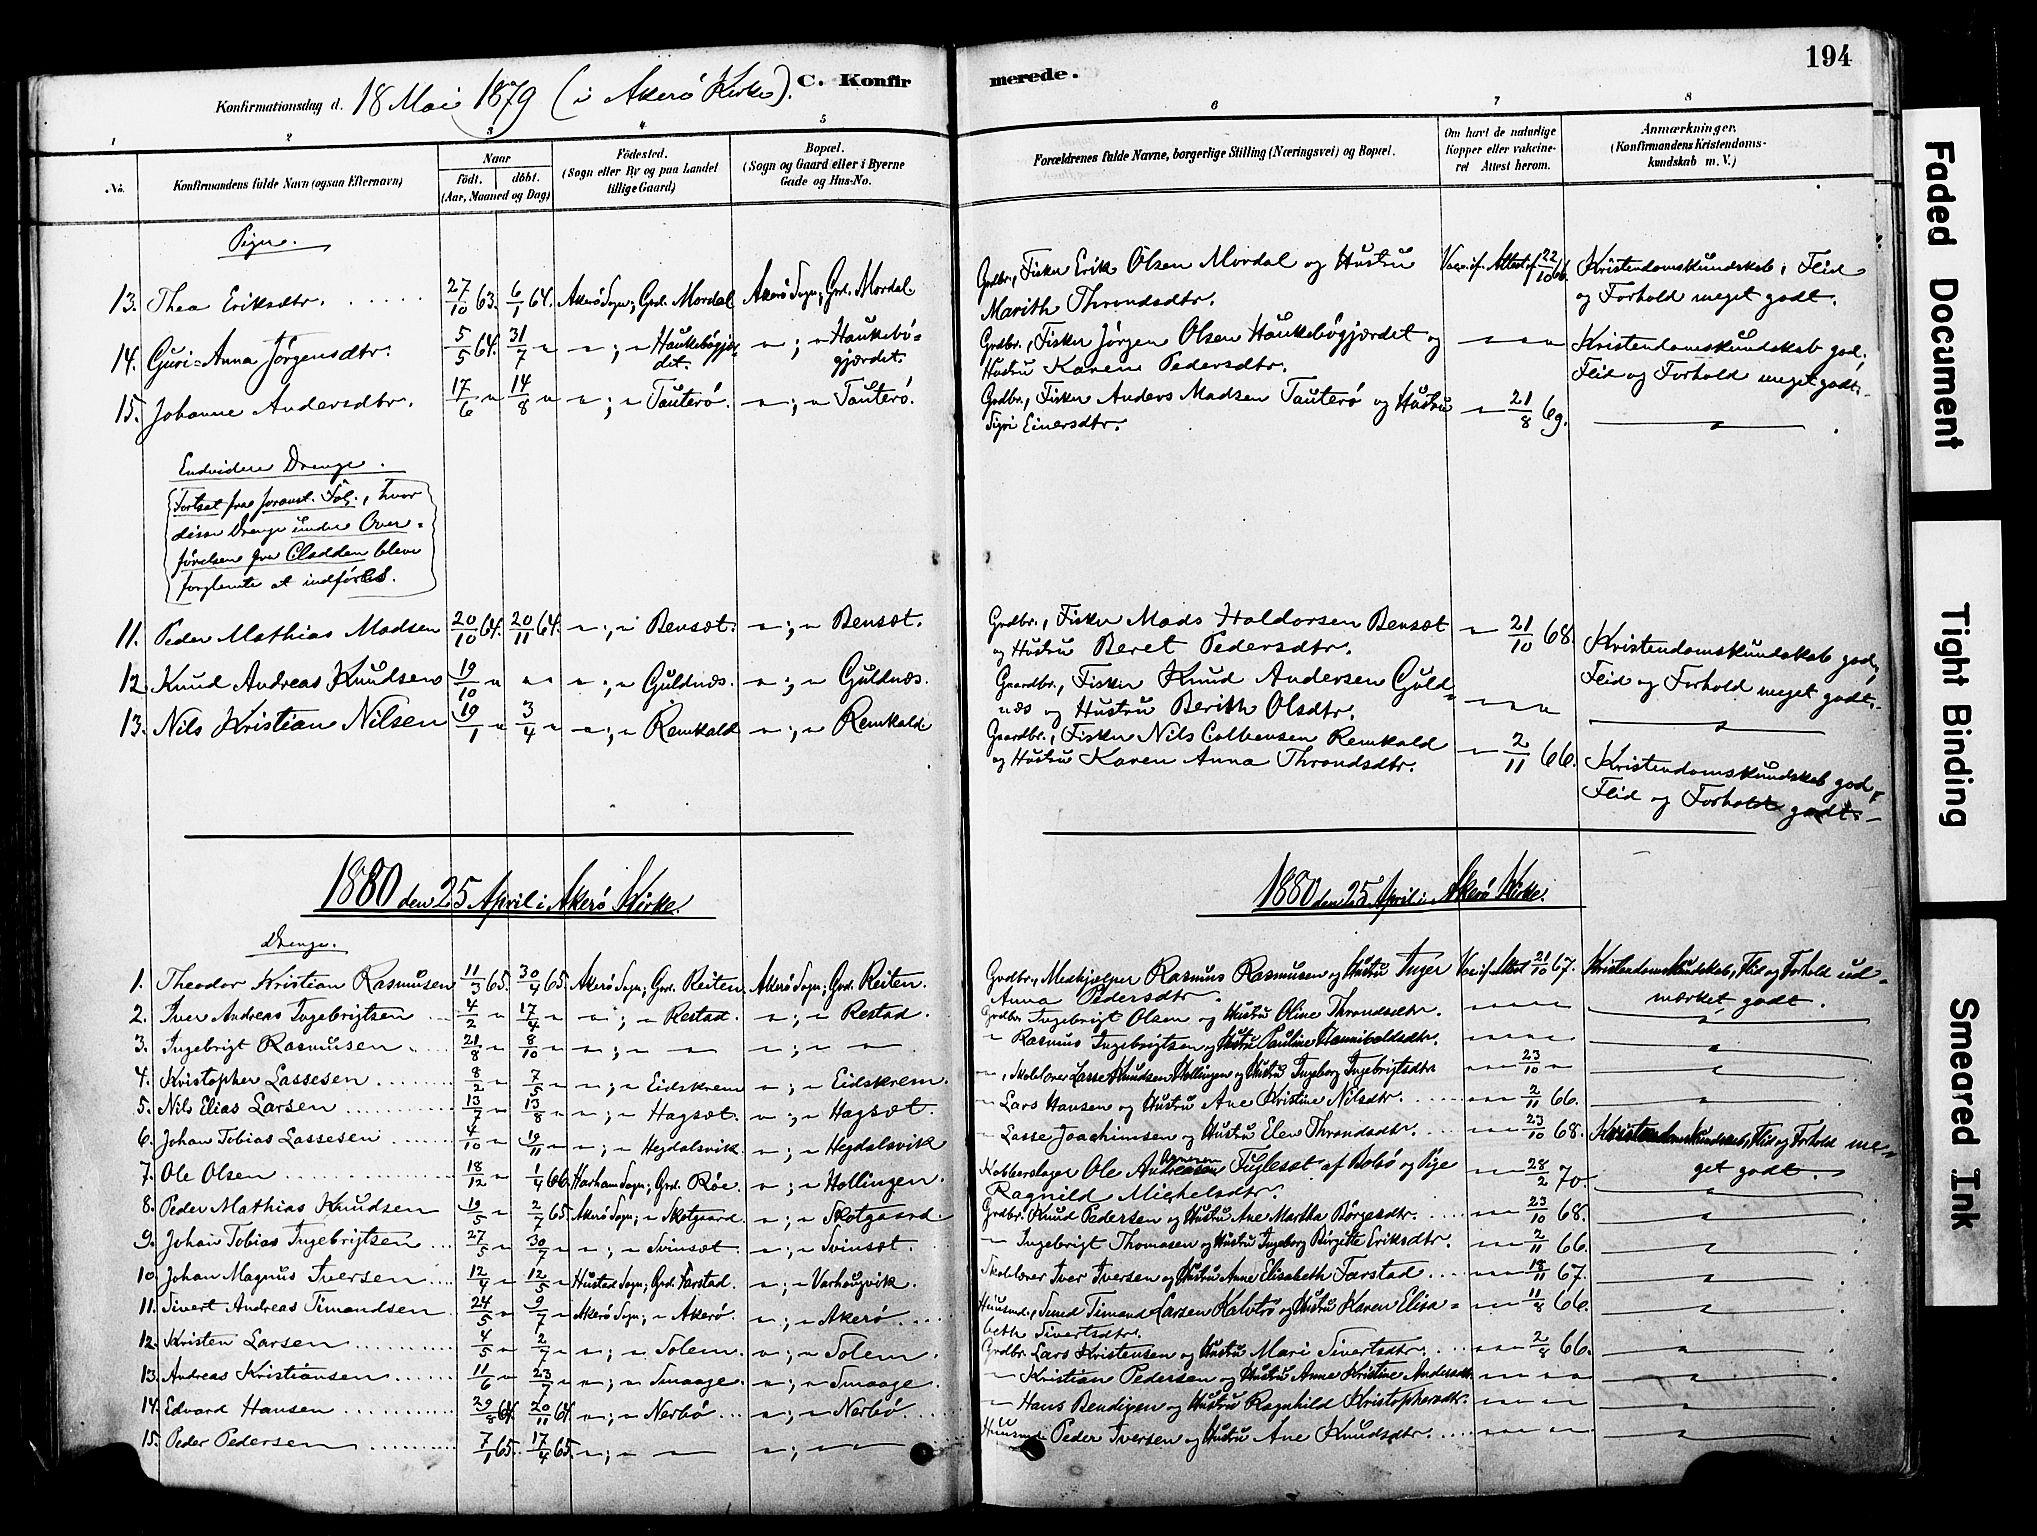 SAT, Ministerialprotokoller, klokkerbøker og fødselsregistre - Møre og Romsdal, 560/L0721: Ministerialbok nr. 560A05, 1878-1917, s. 194